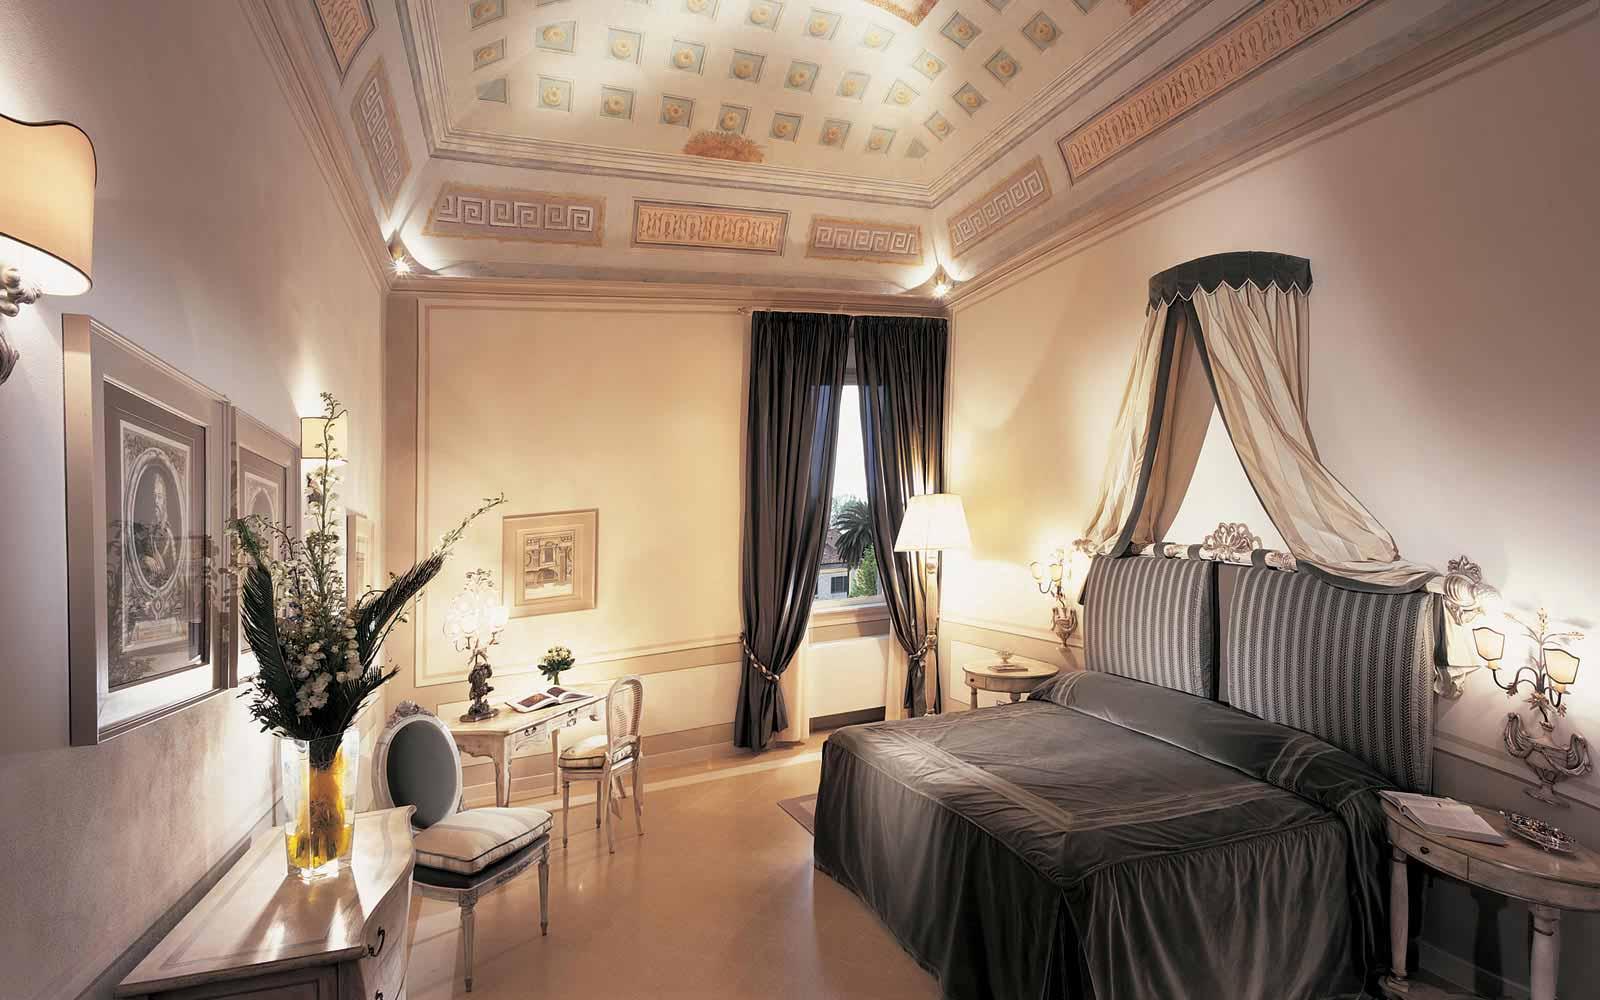 Suite at Bagni di Pisa